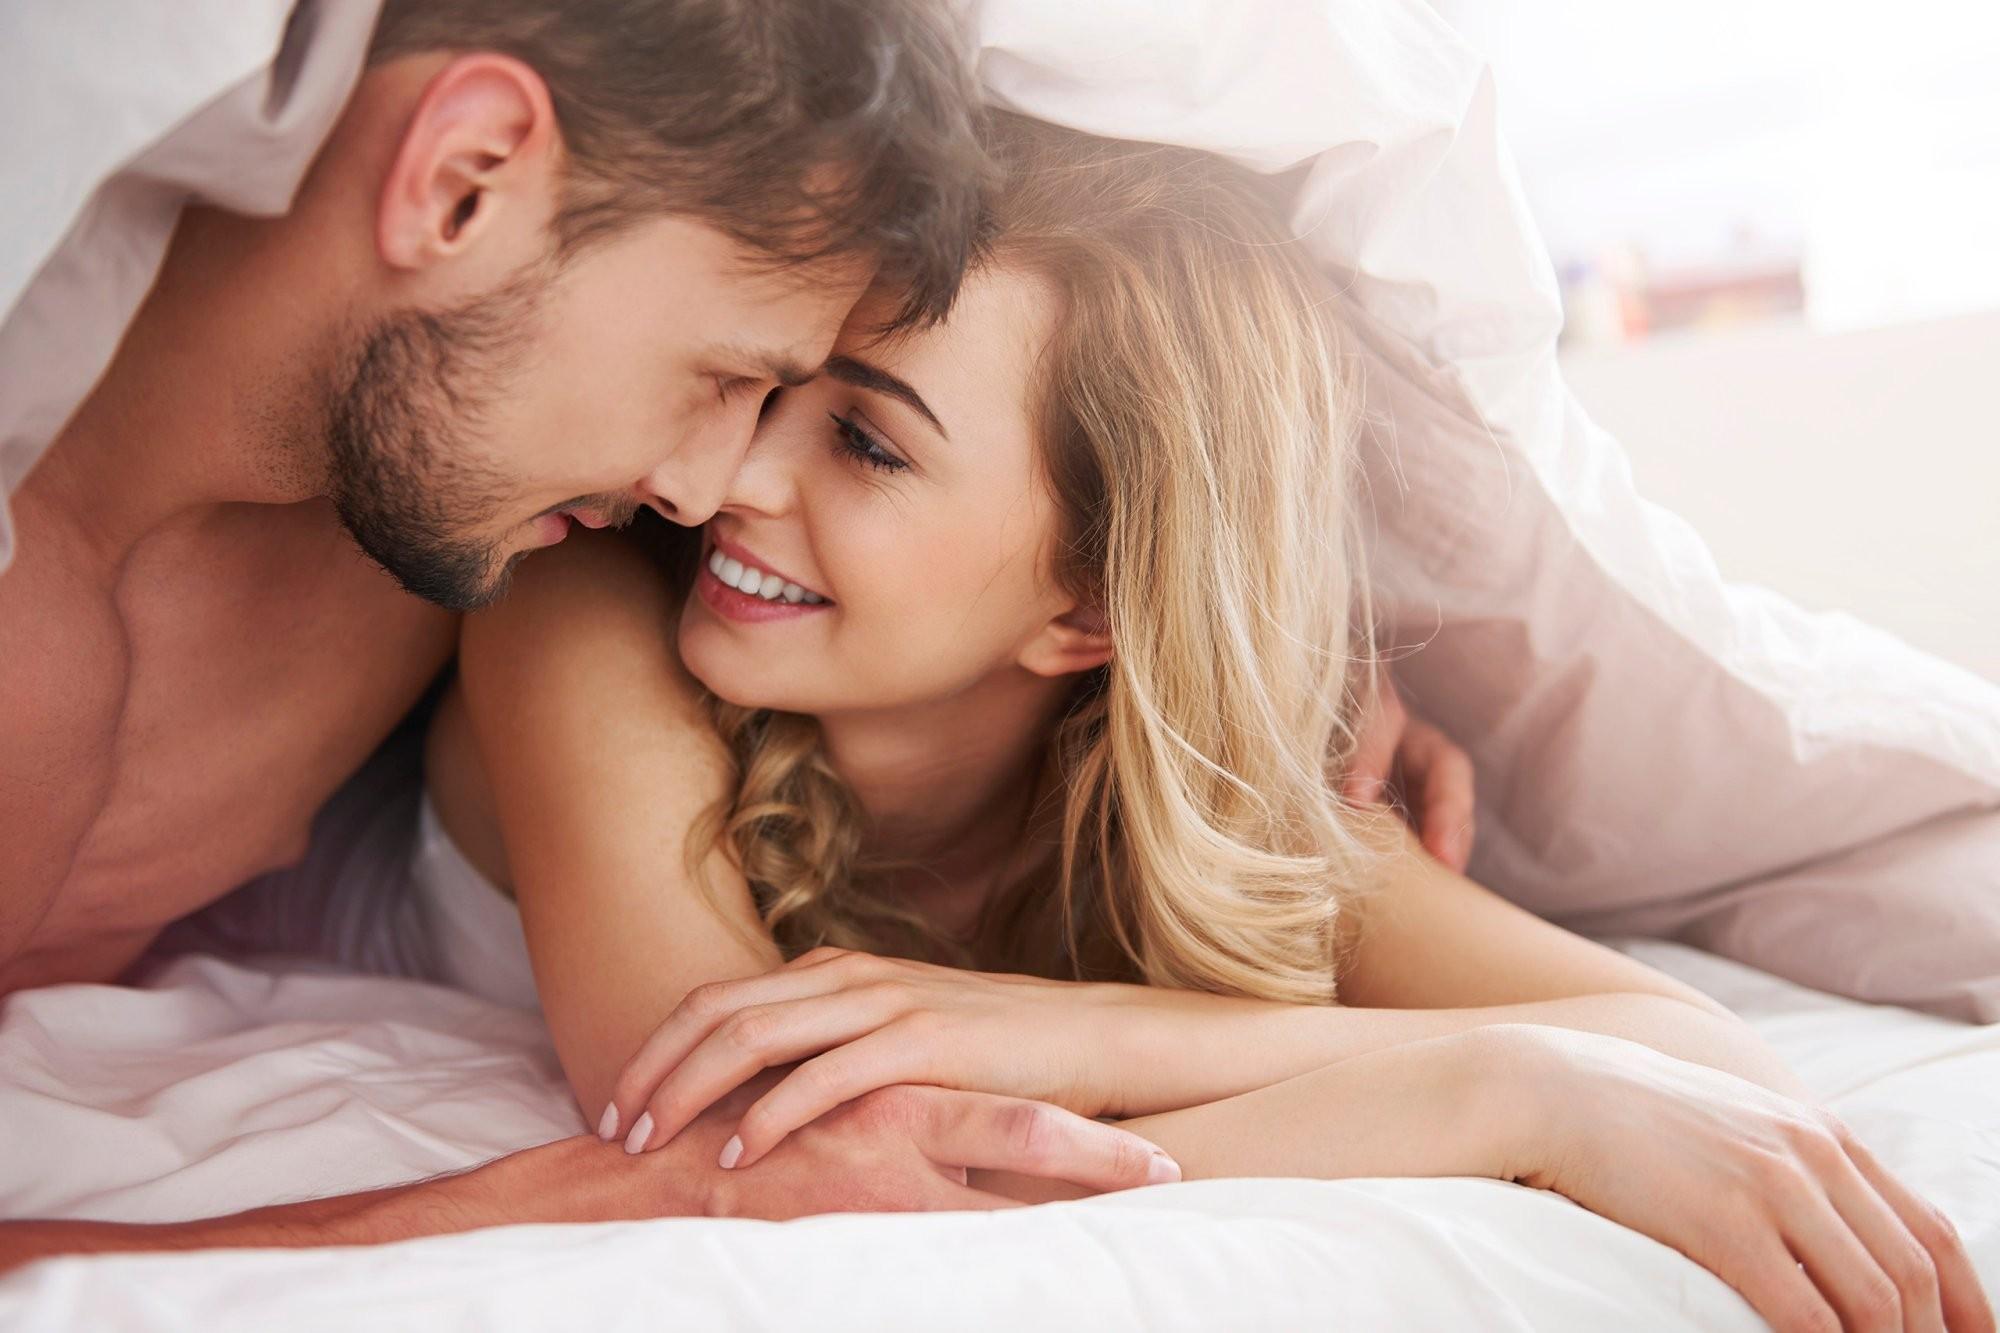 Смотреть онлайн игры в постели мужа с женой 26 фотография